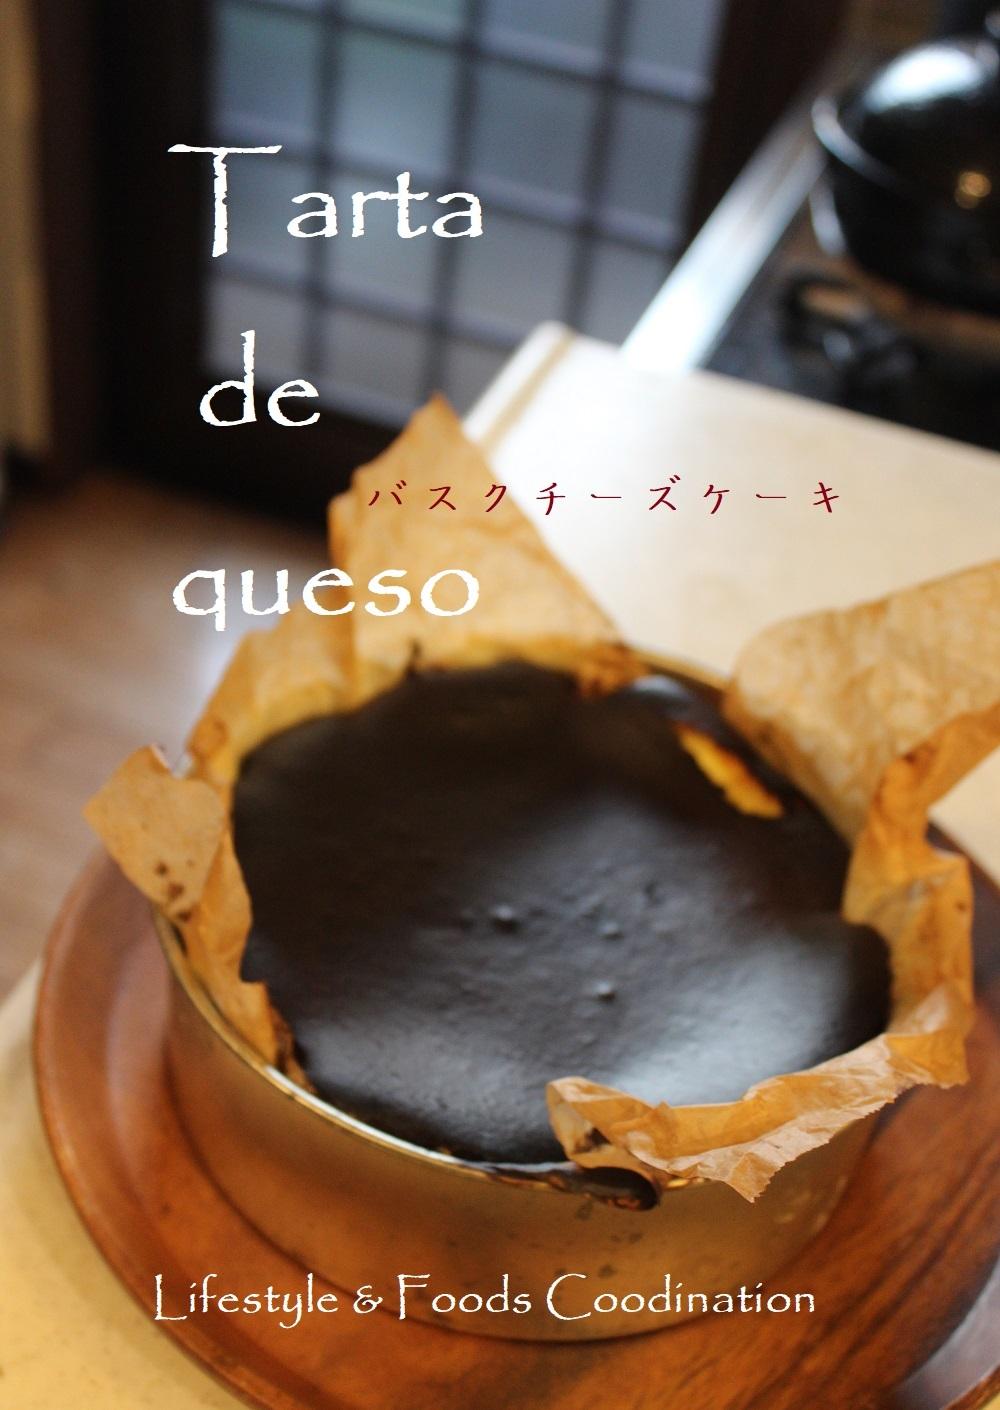 バスクチーズケーキPC